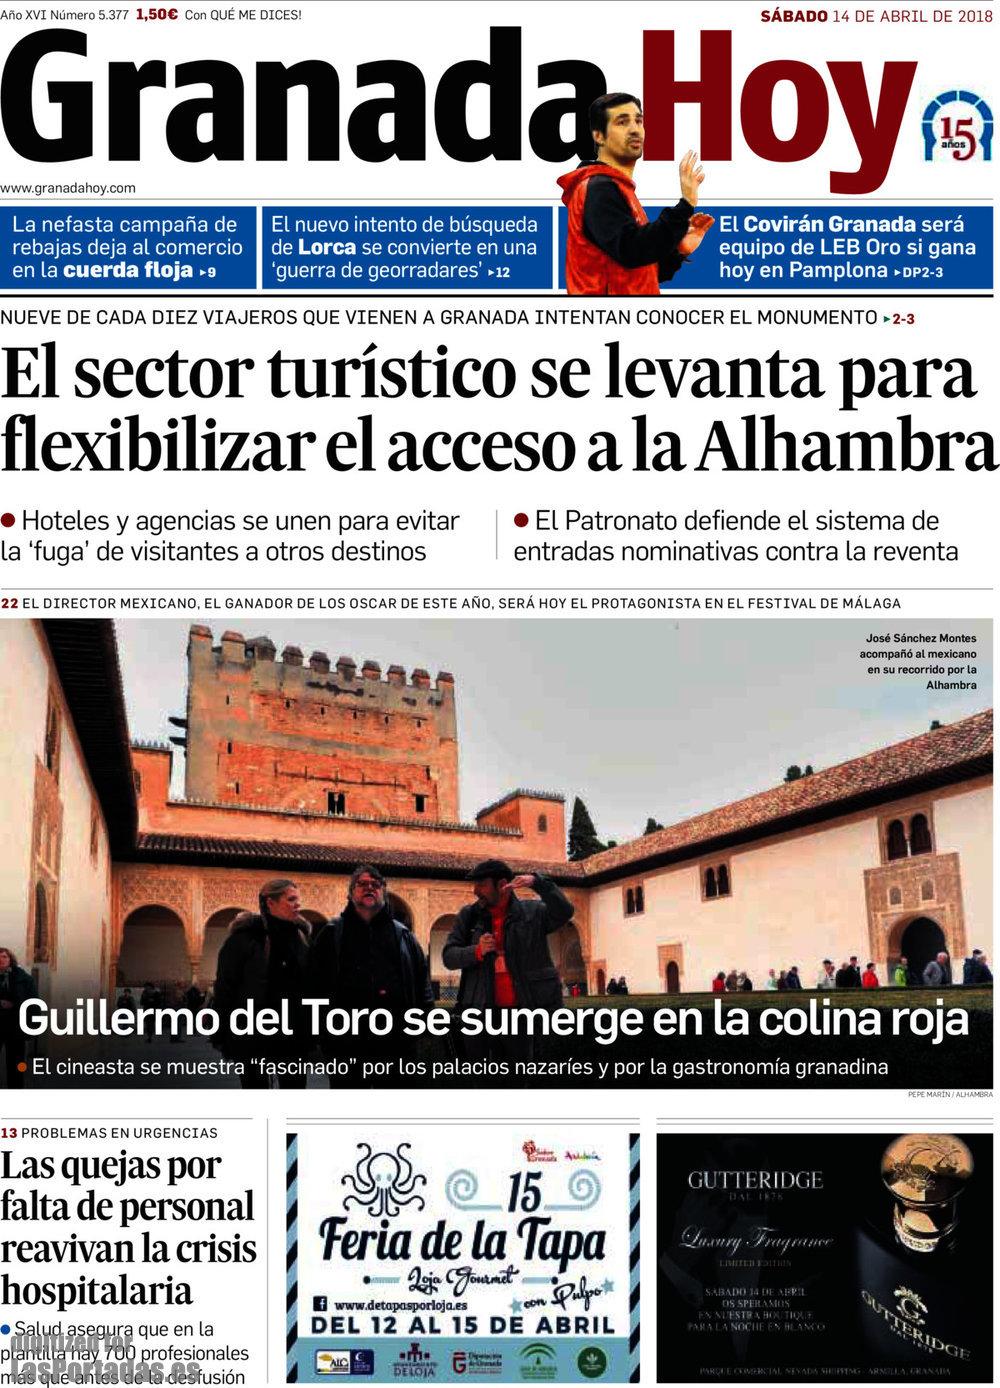 Periodico Granada Hoy - 14/4/2018